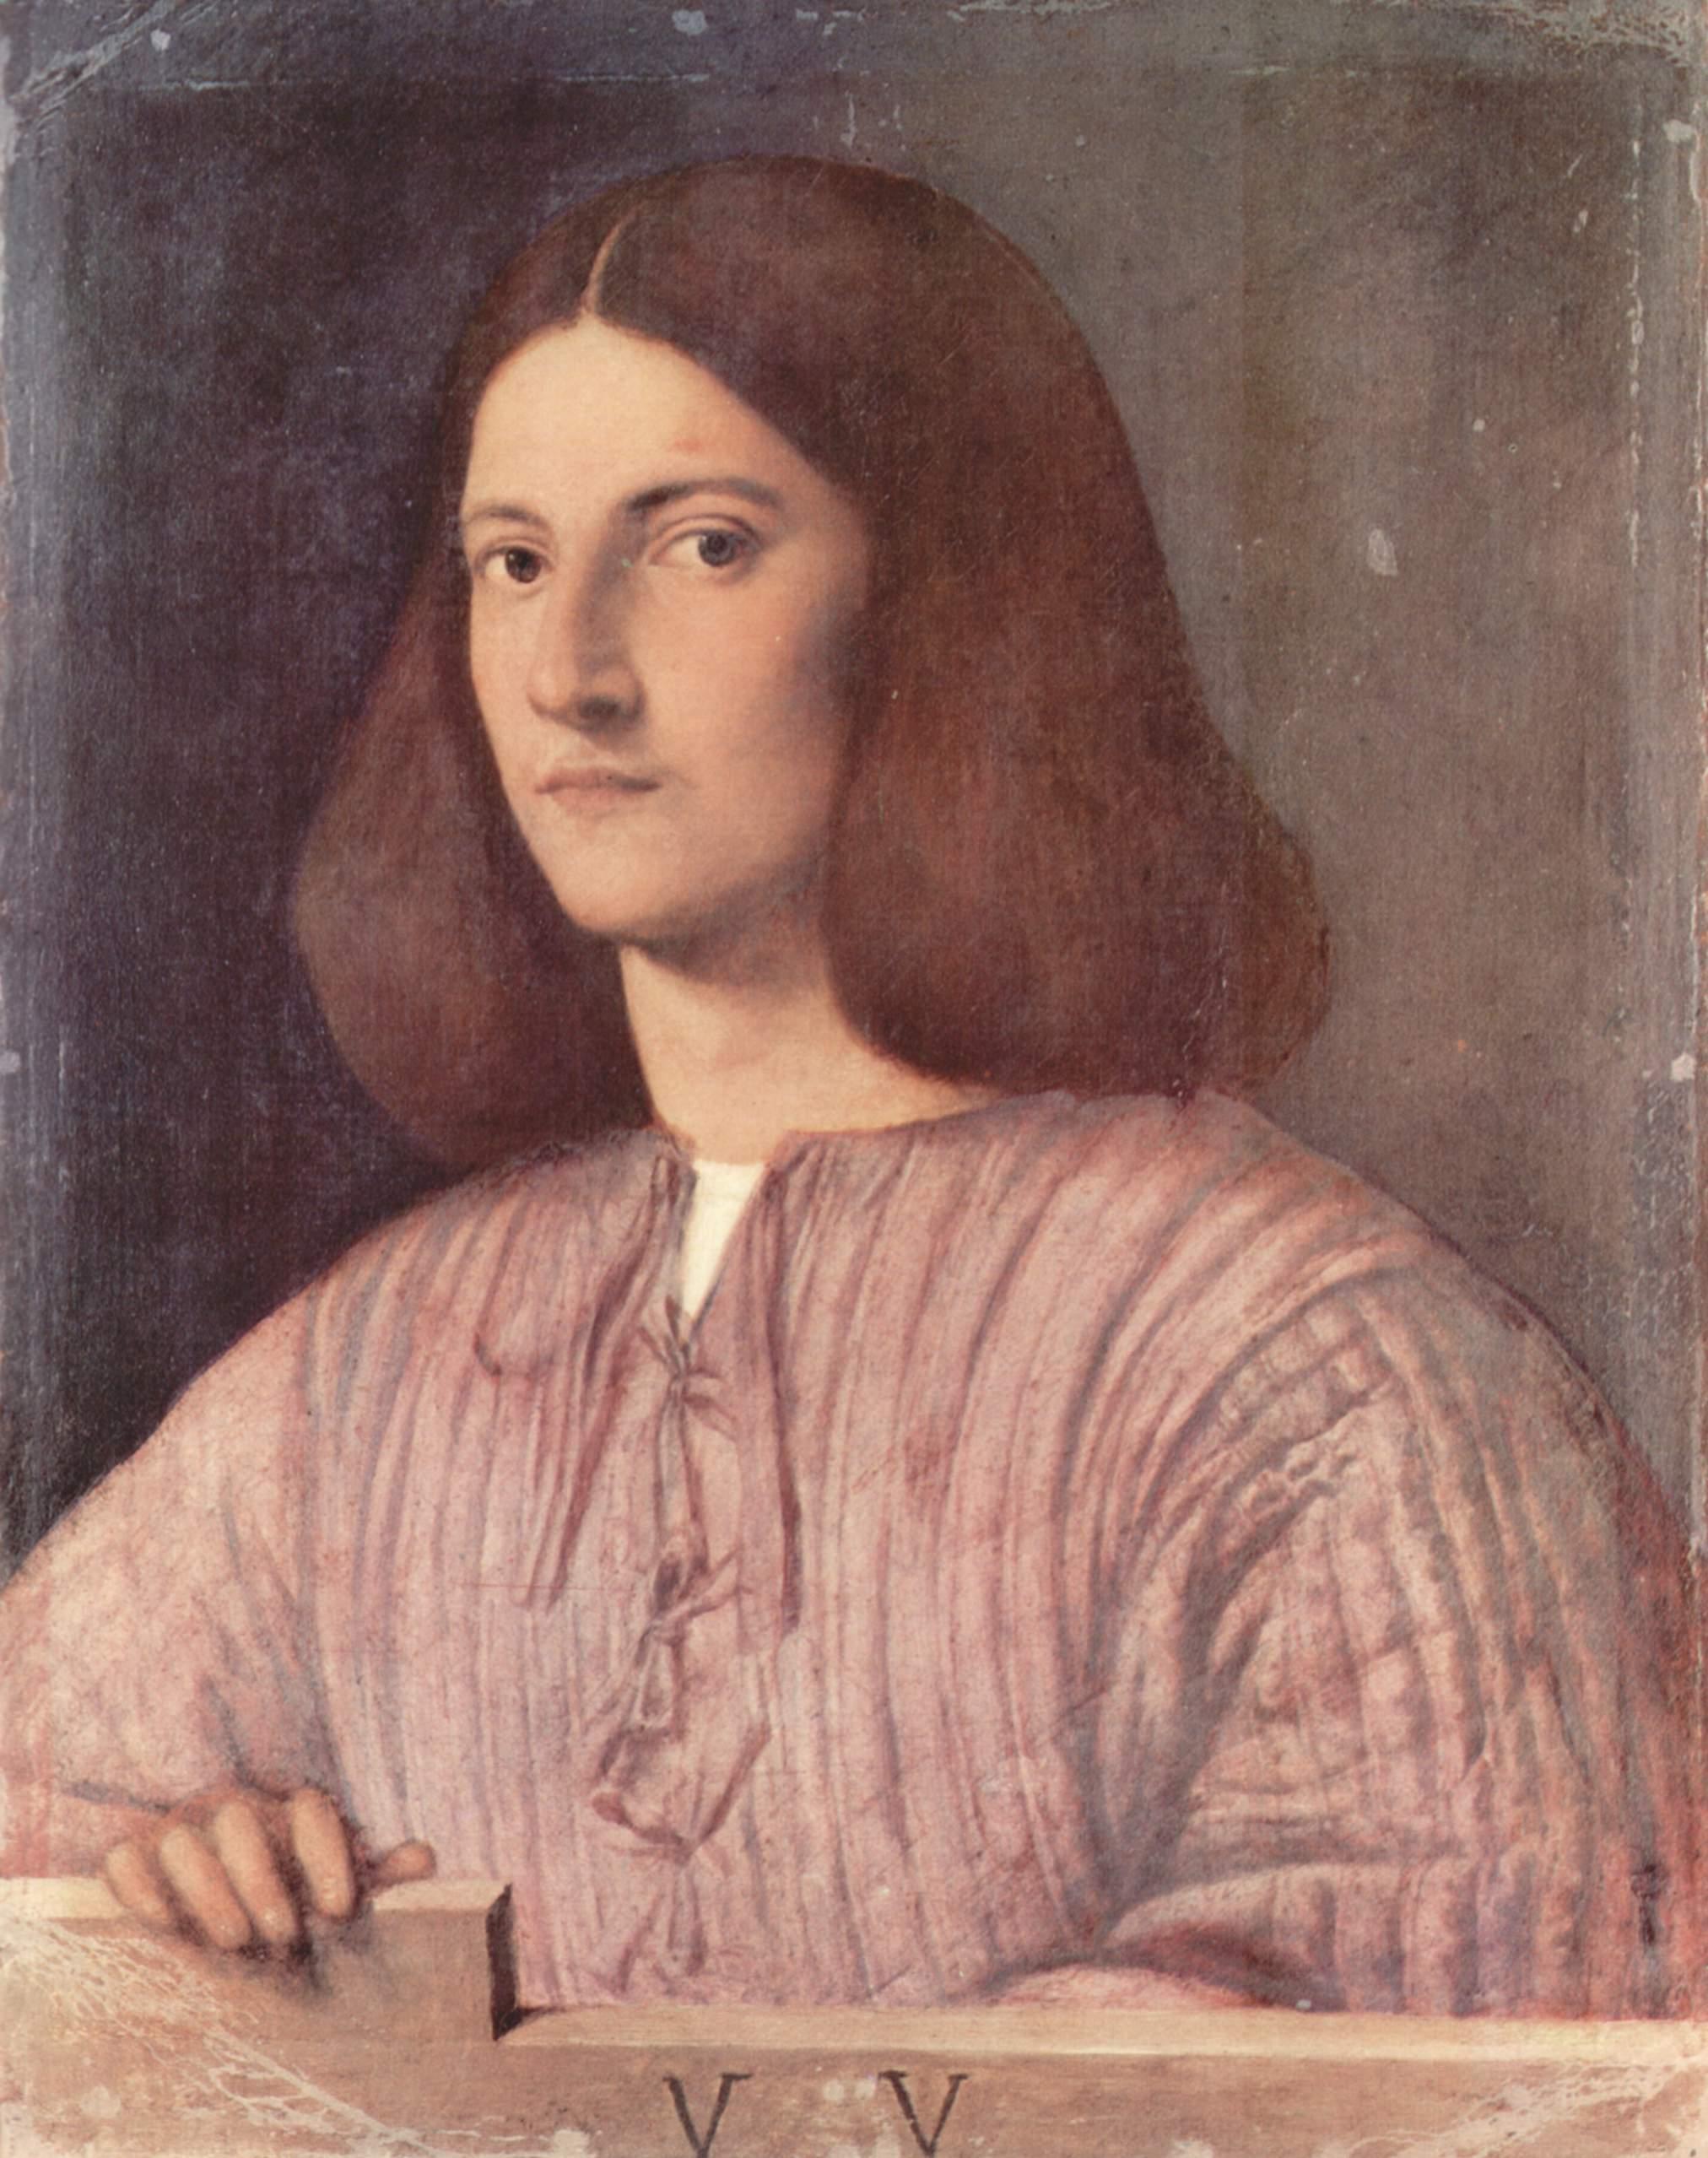 """Obraz Giorgione """"Trzej filozofowie"""", Mikołaj Kopernik"""